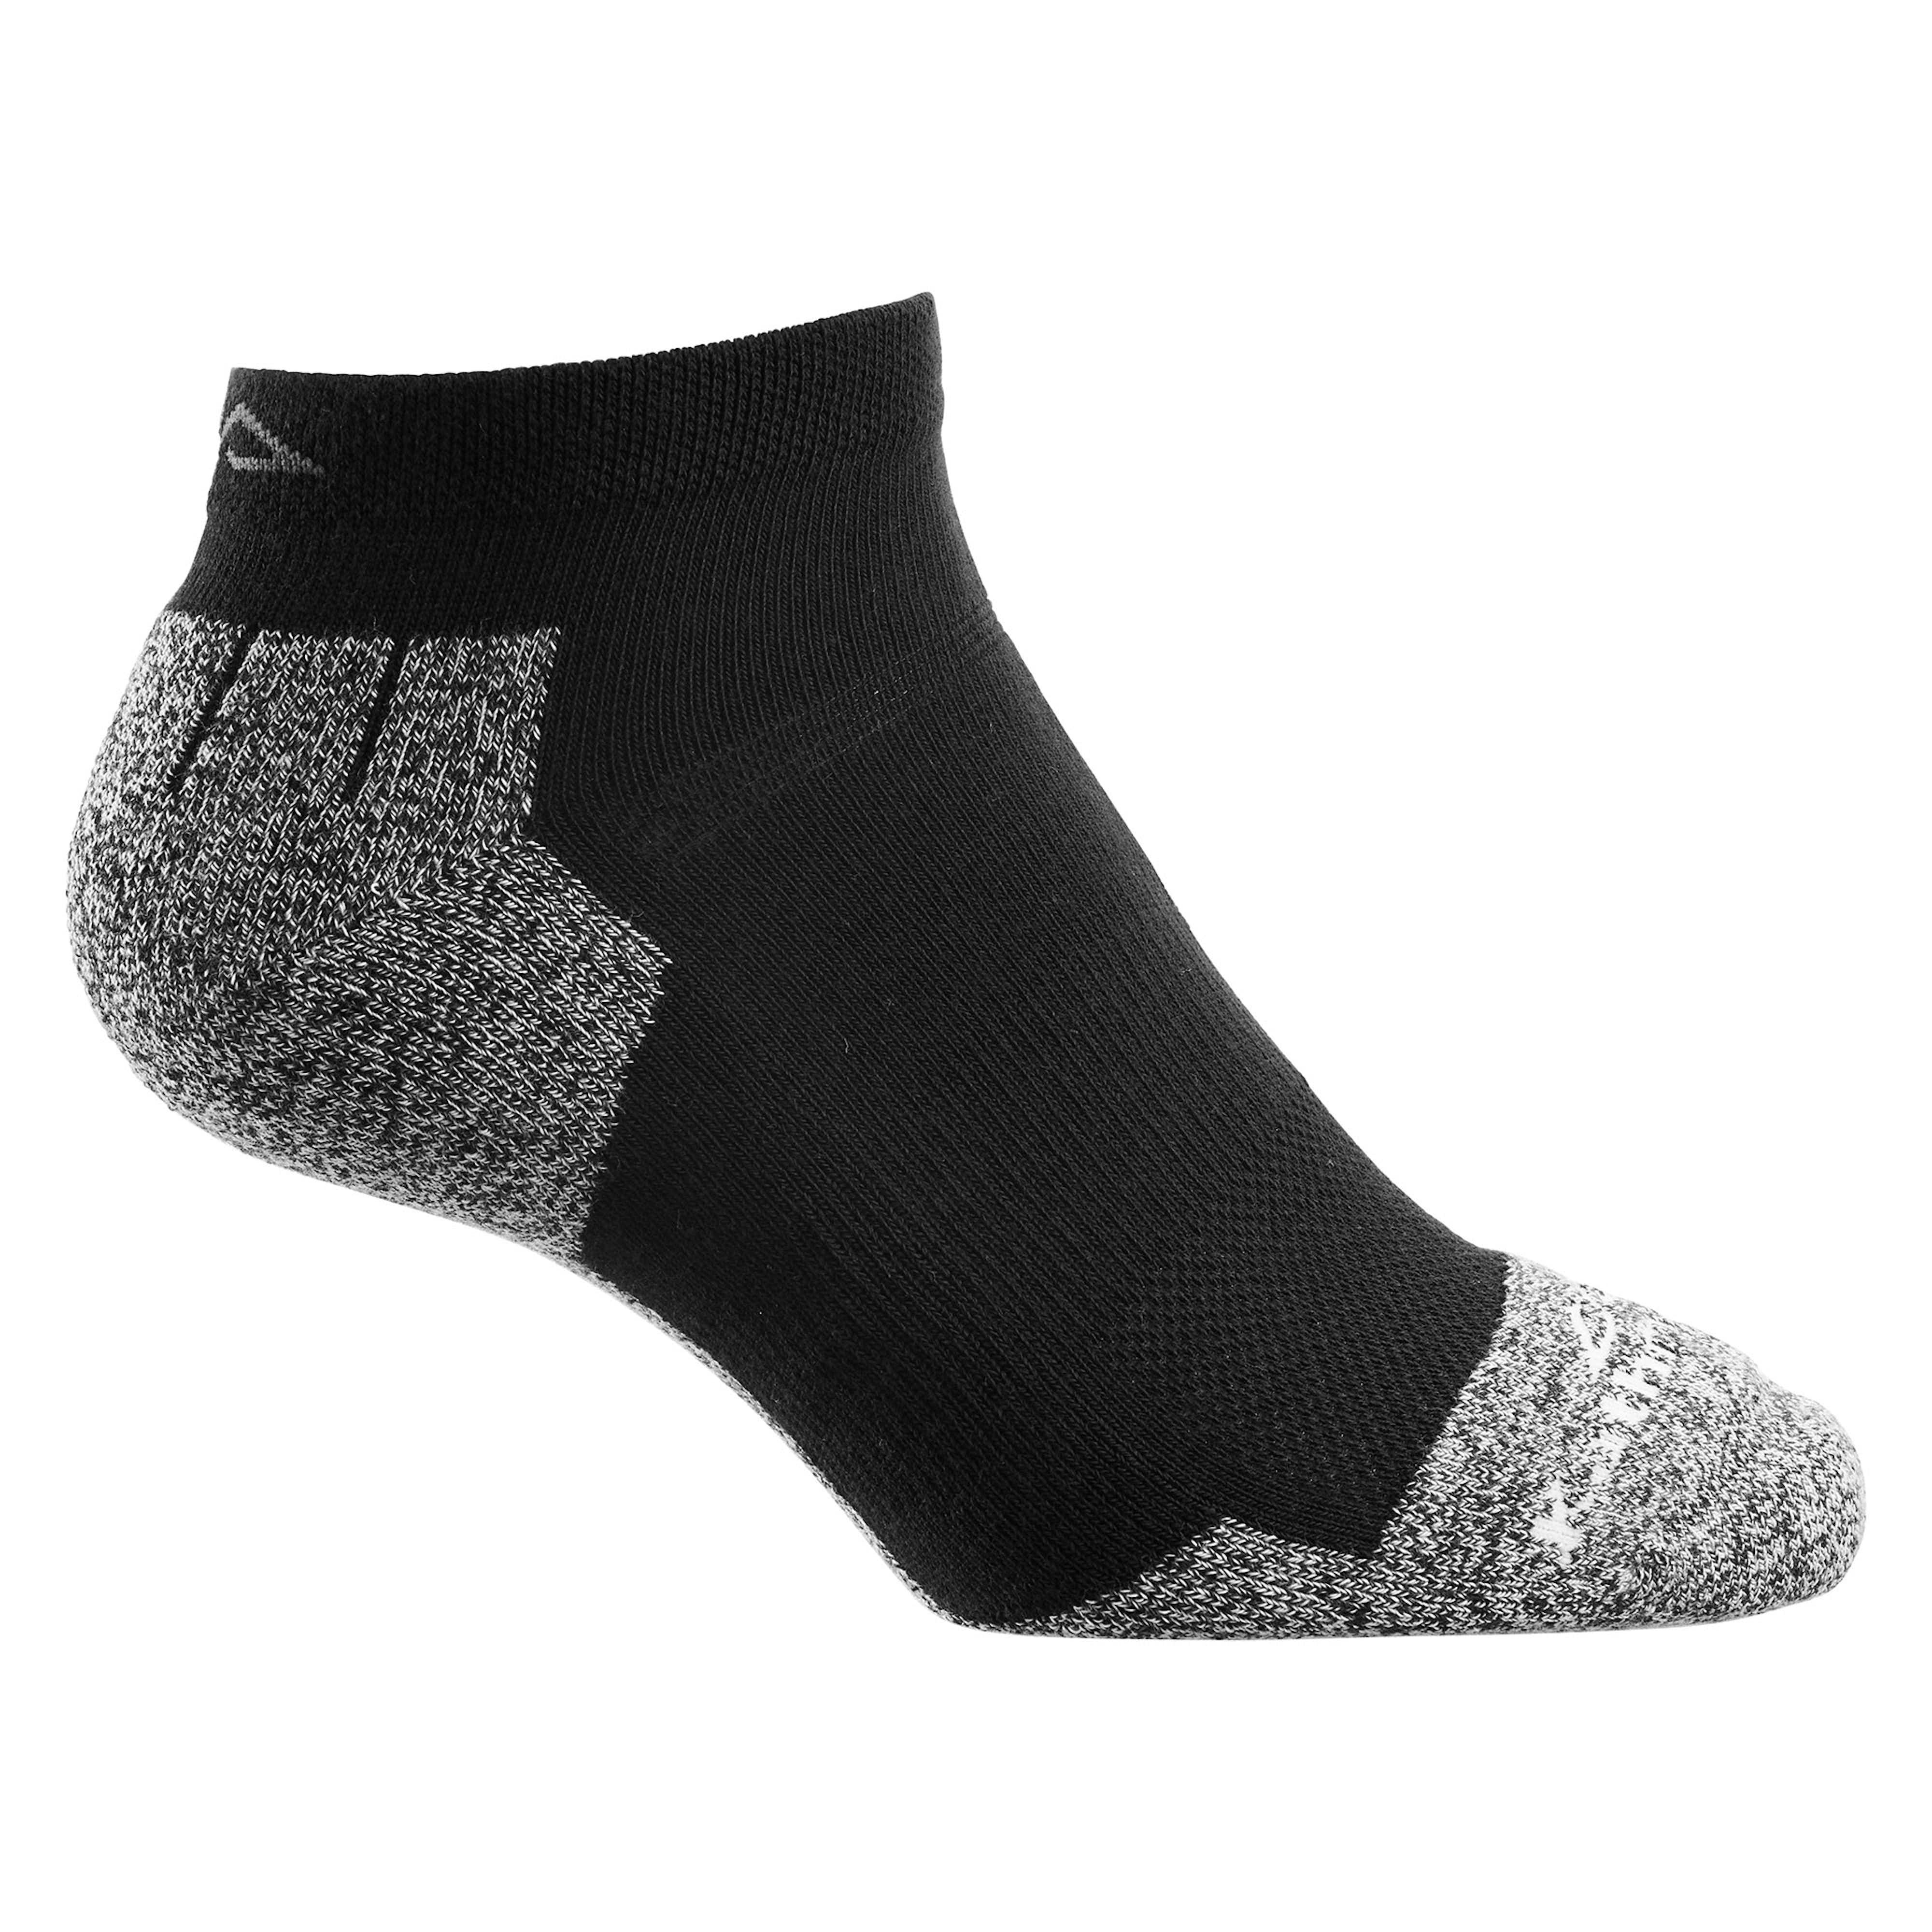 1838e5f47 Mens Socks for Hiking   Sport